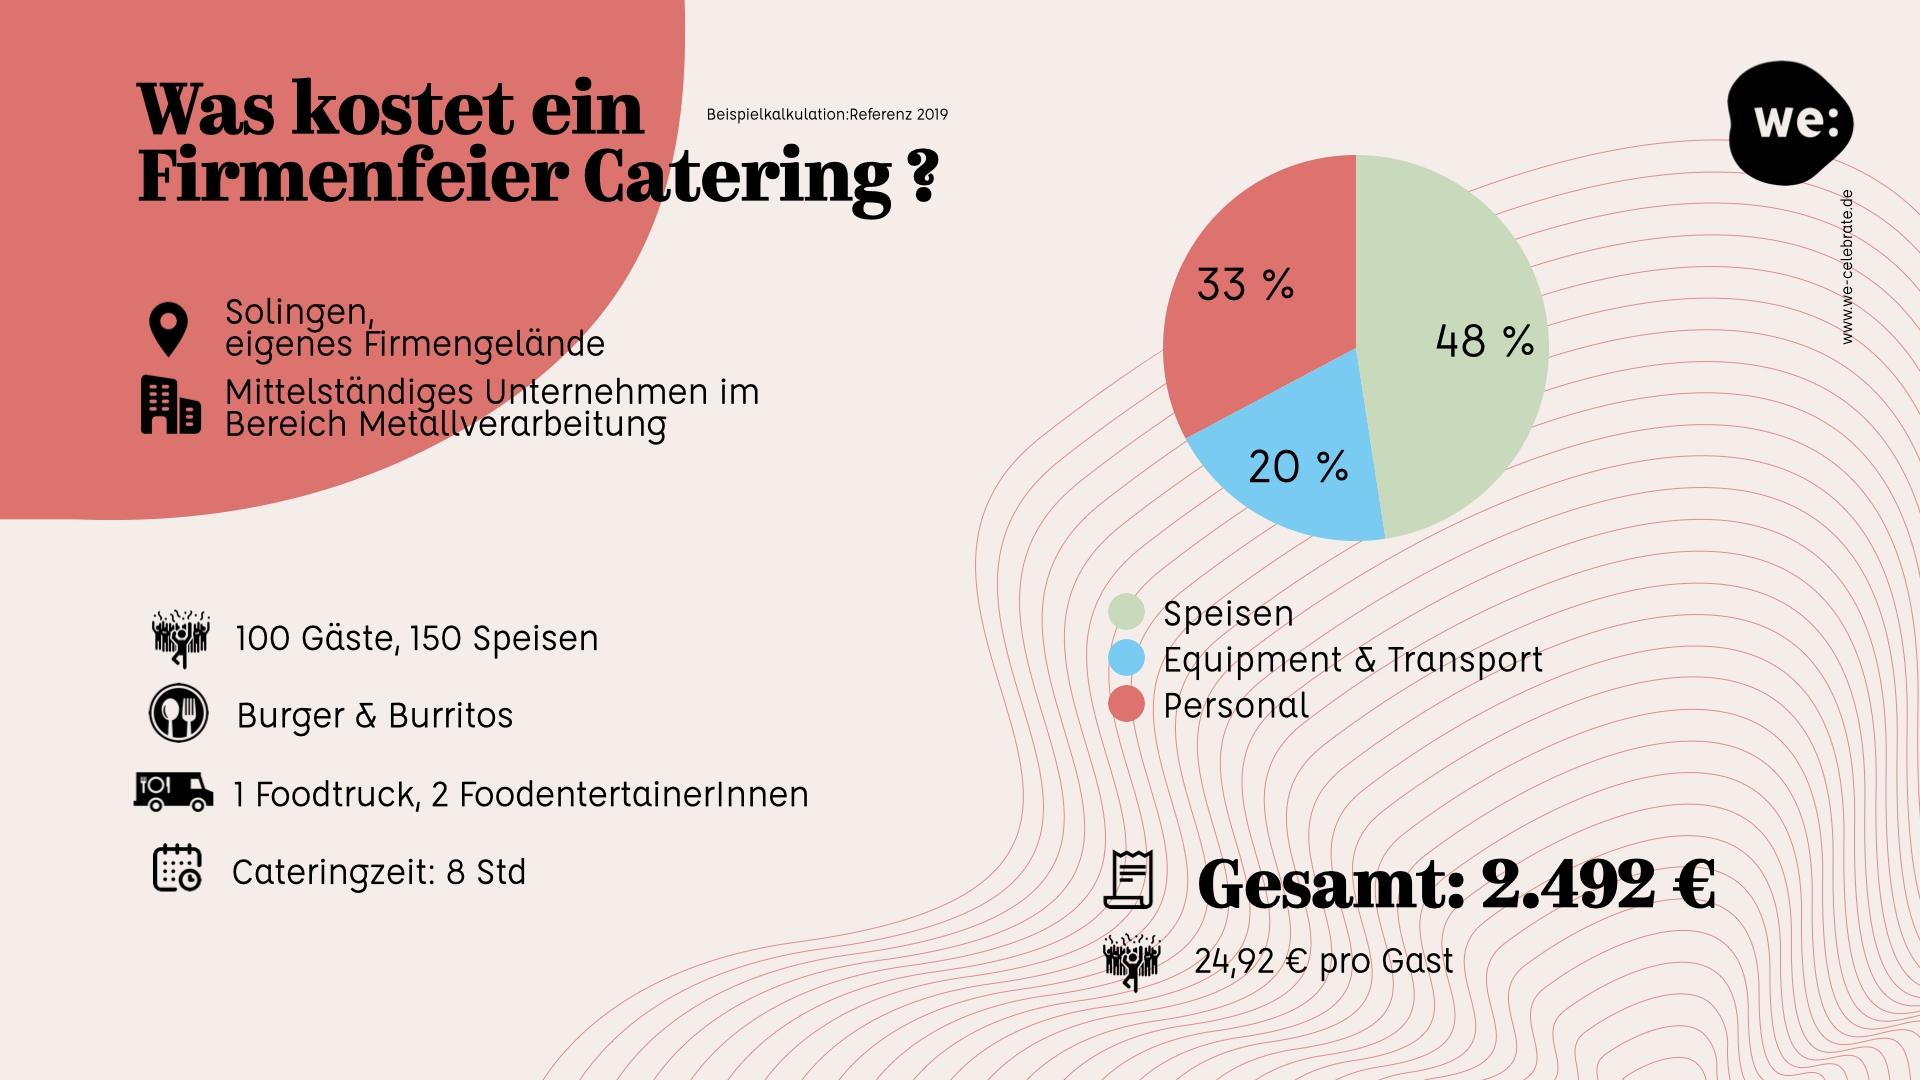 Kosten Firmenfeier Catering Solingen